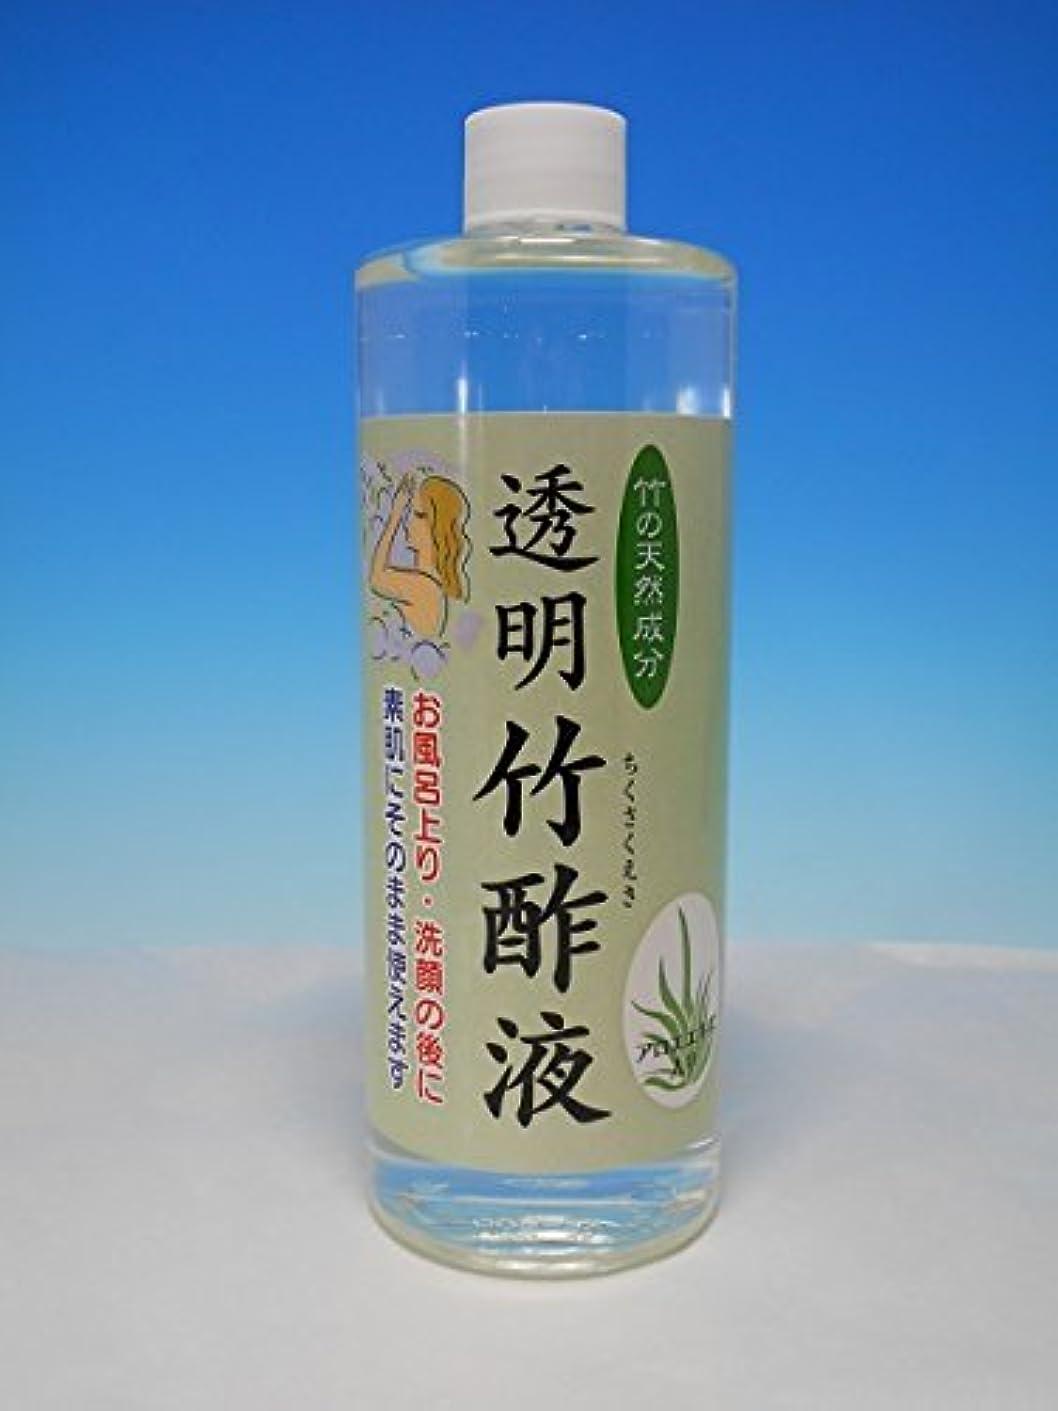 パキスタン人キャンディードリンク透明竹酢液 500ml 素肌に使える化粧水タイプの竹酢液